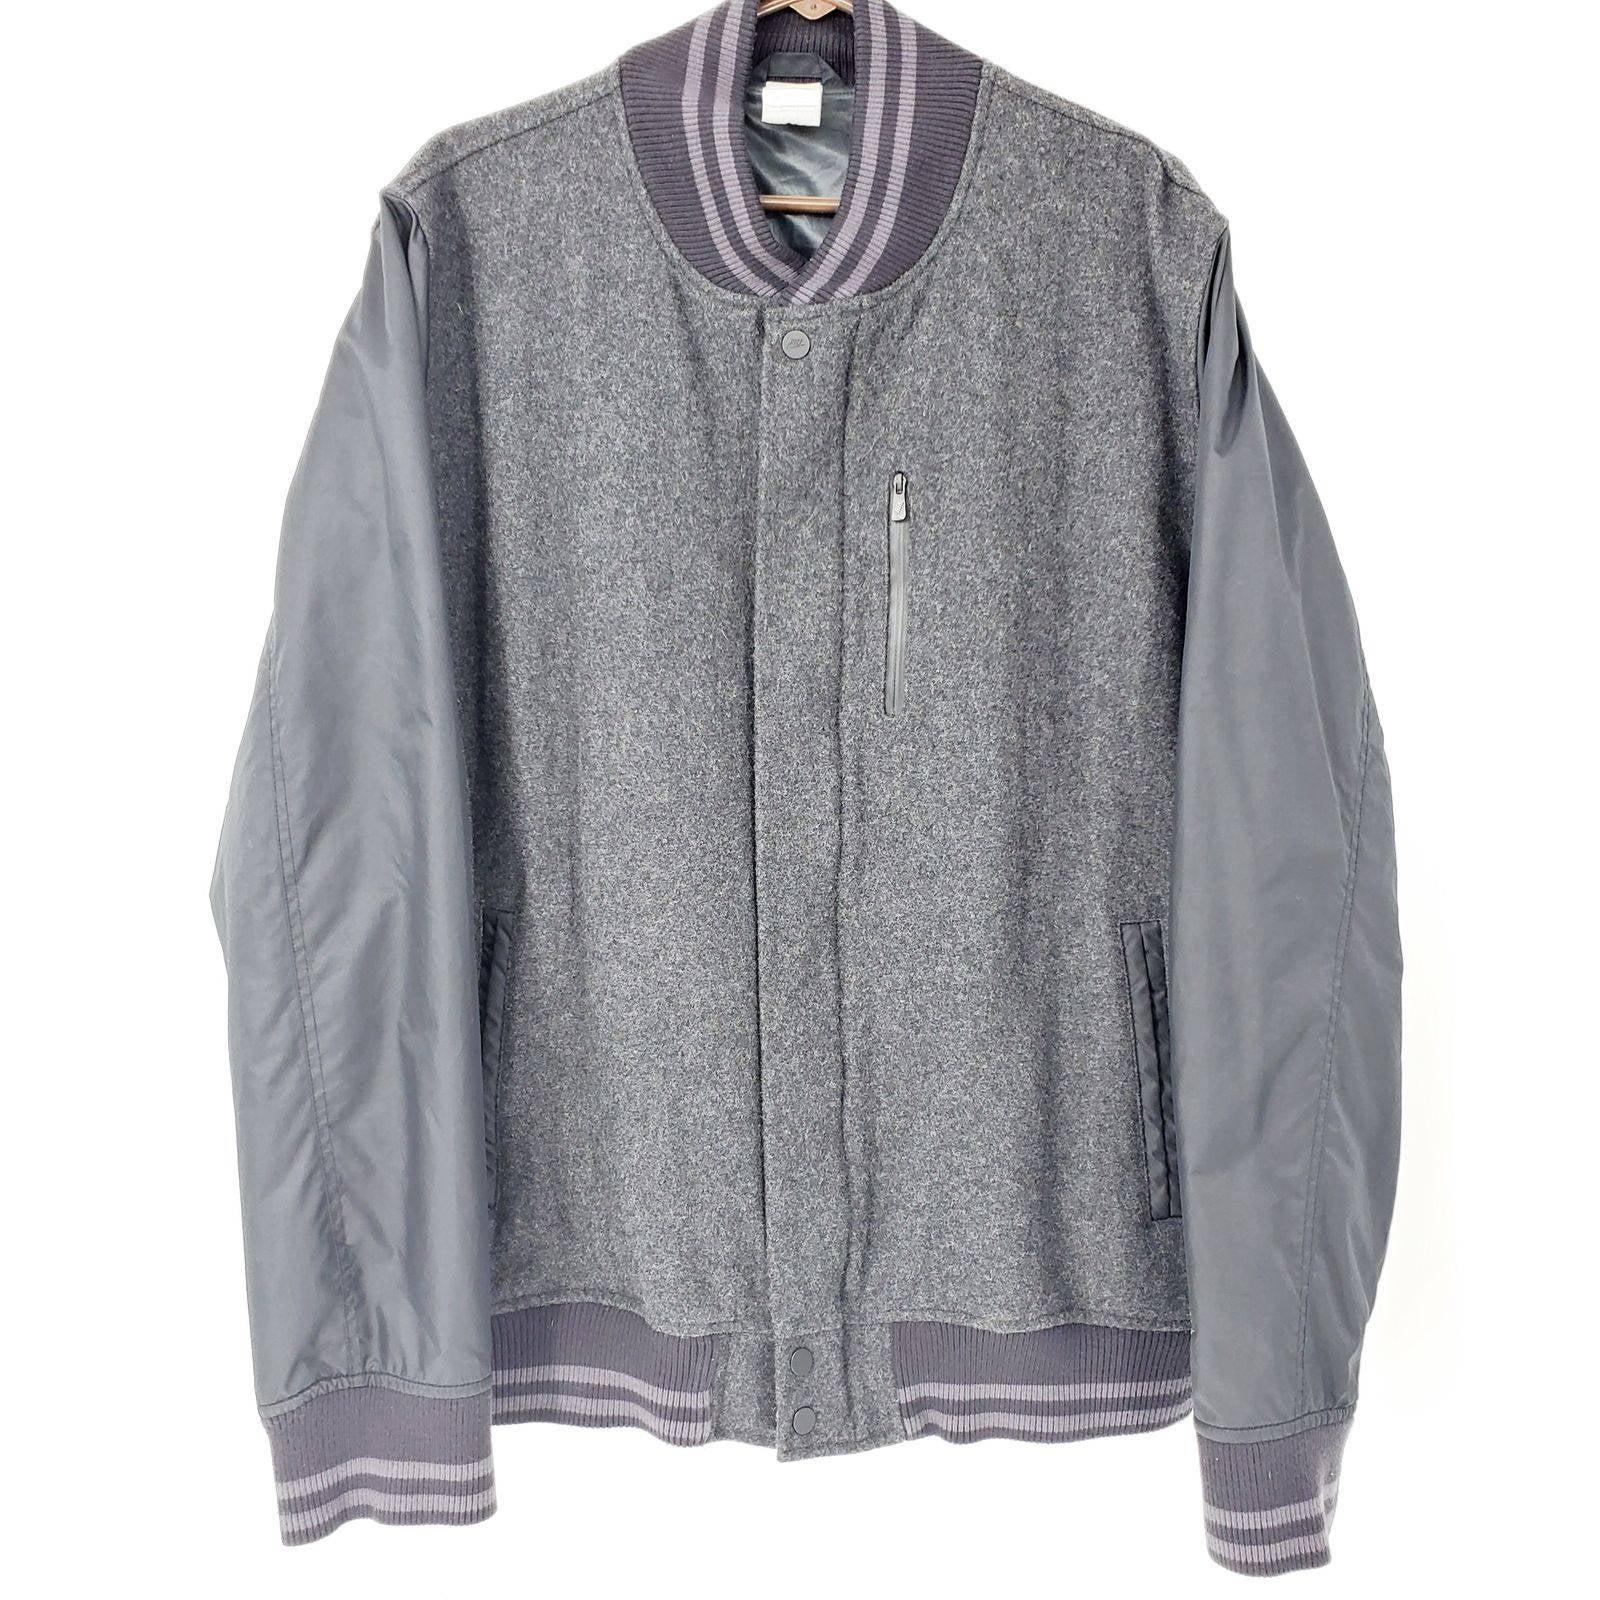 Nike Destroyer Tech Wool Men's Jacket XL